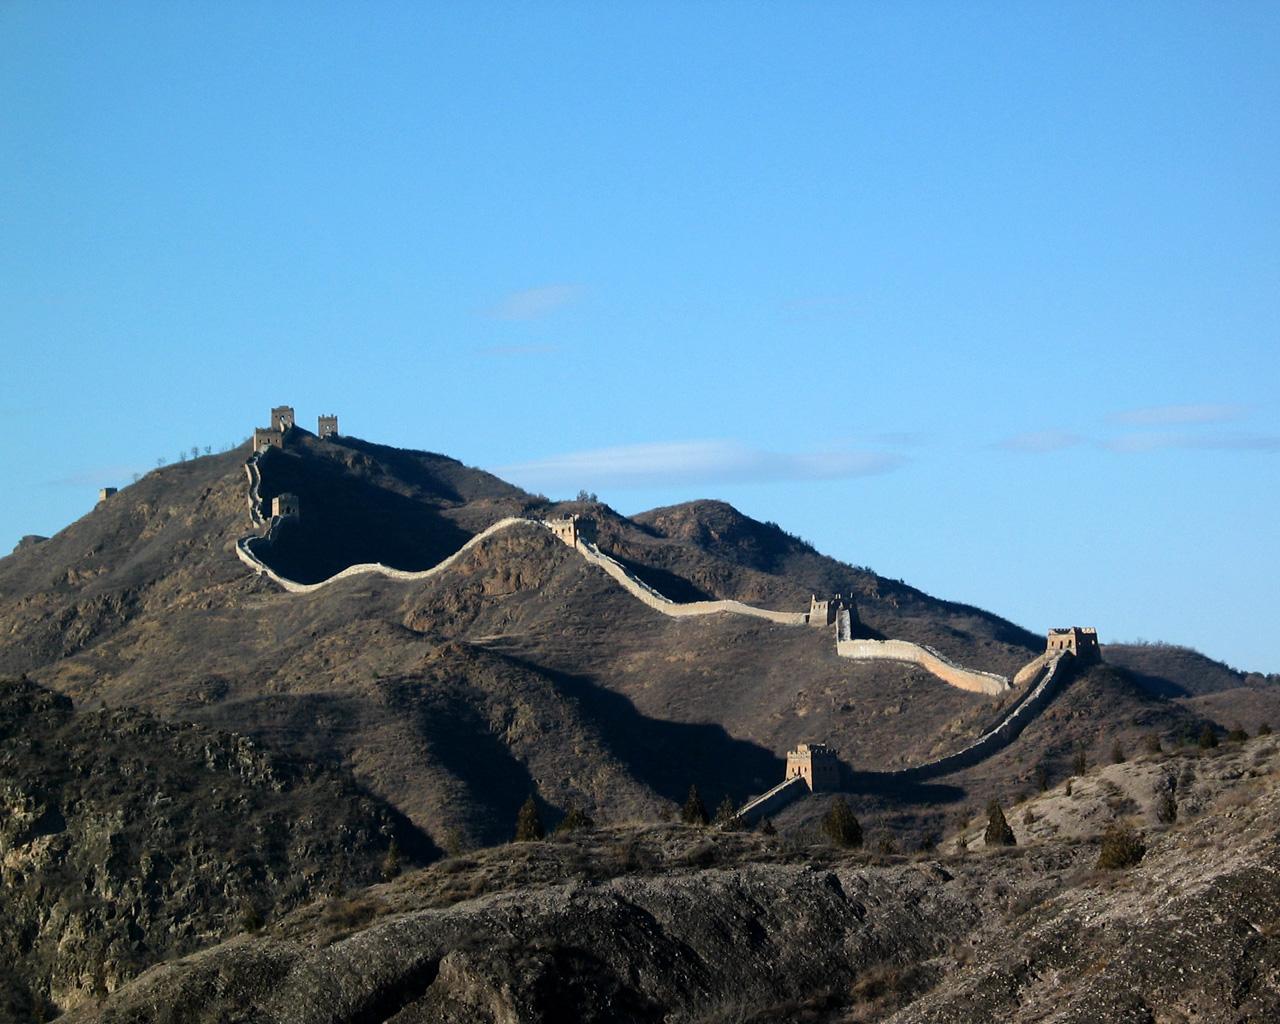 http://1.bp.blogspot.com/-CPz_-wJOpQQ/TtnoEzb2_QI/AAAAAAAAEGQ/cTXy8CrjGs0/s1600/Simatai+Great+Wall+%2819%29.jpg